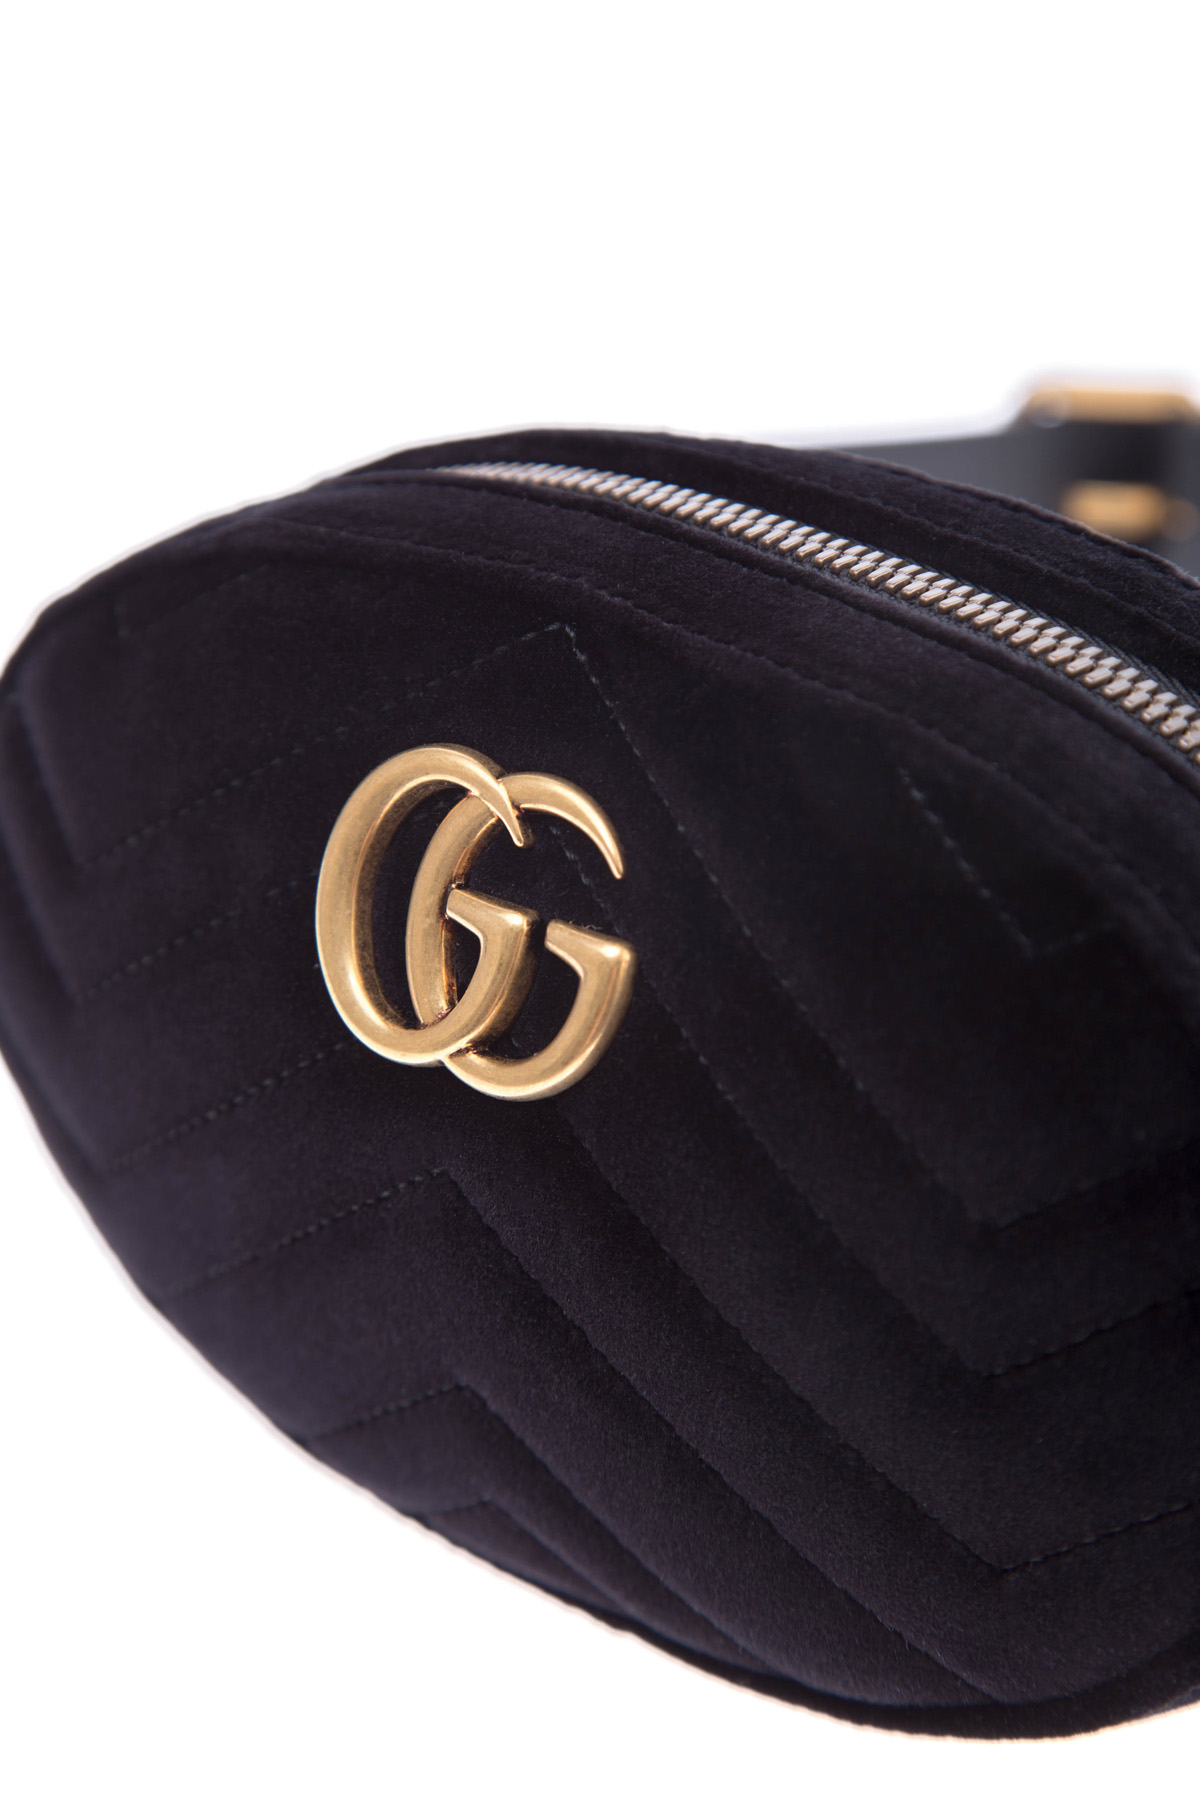 сумка GUCCI G476434 1000 Фото 6